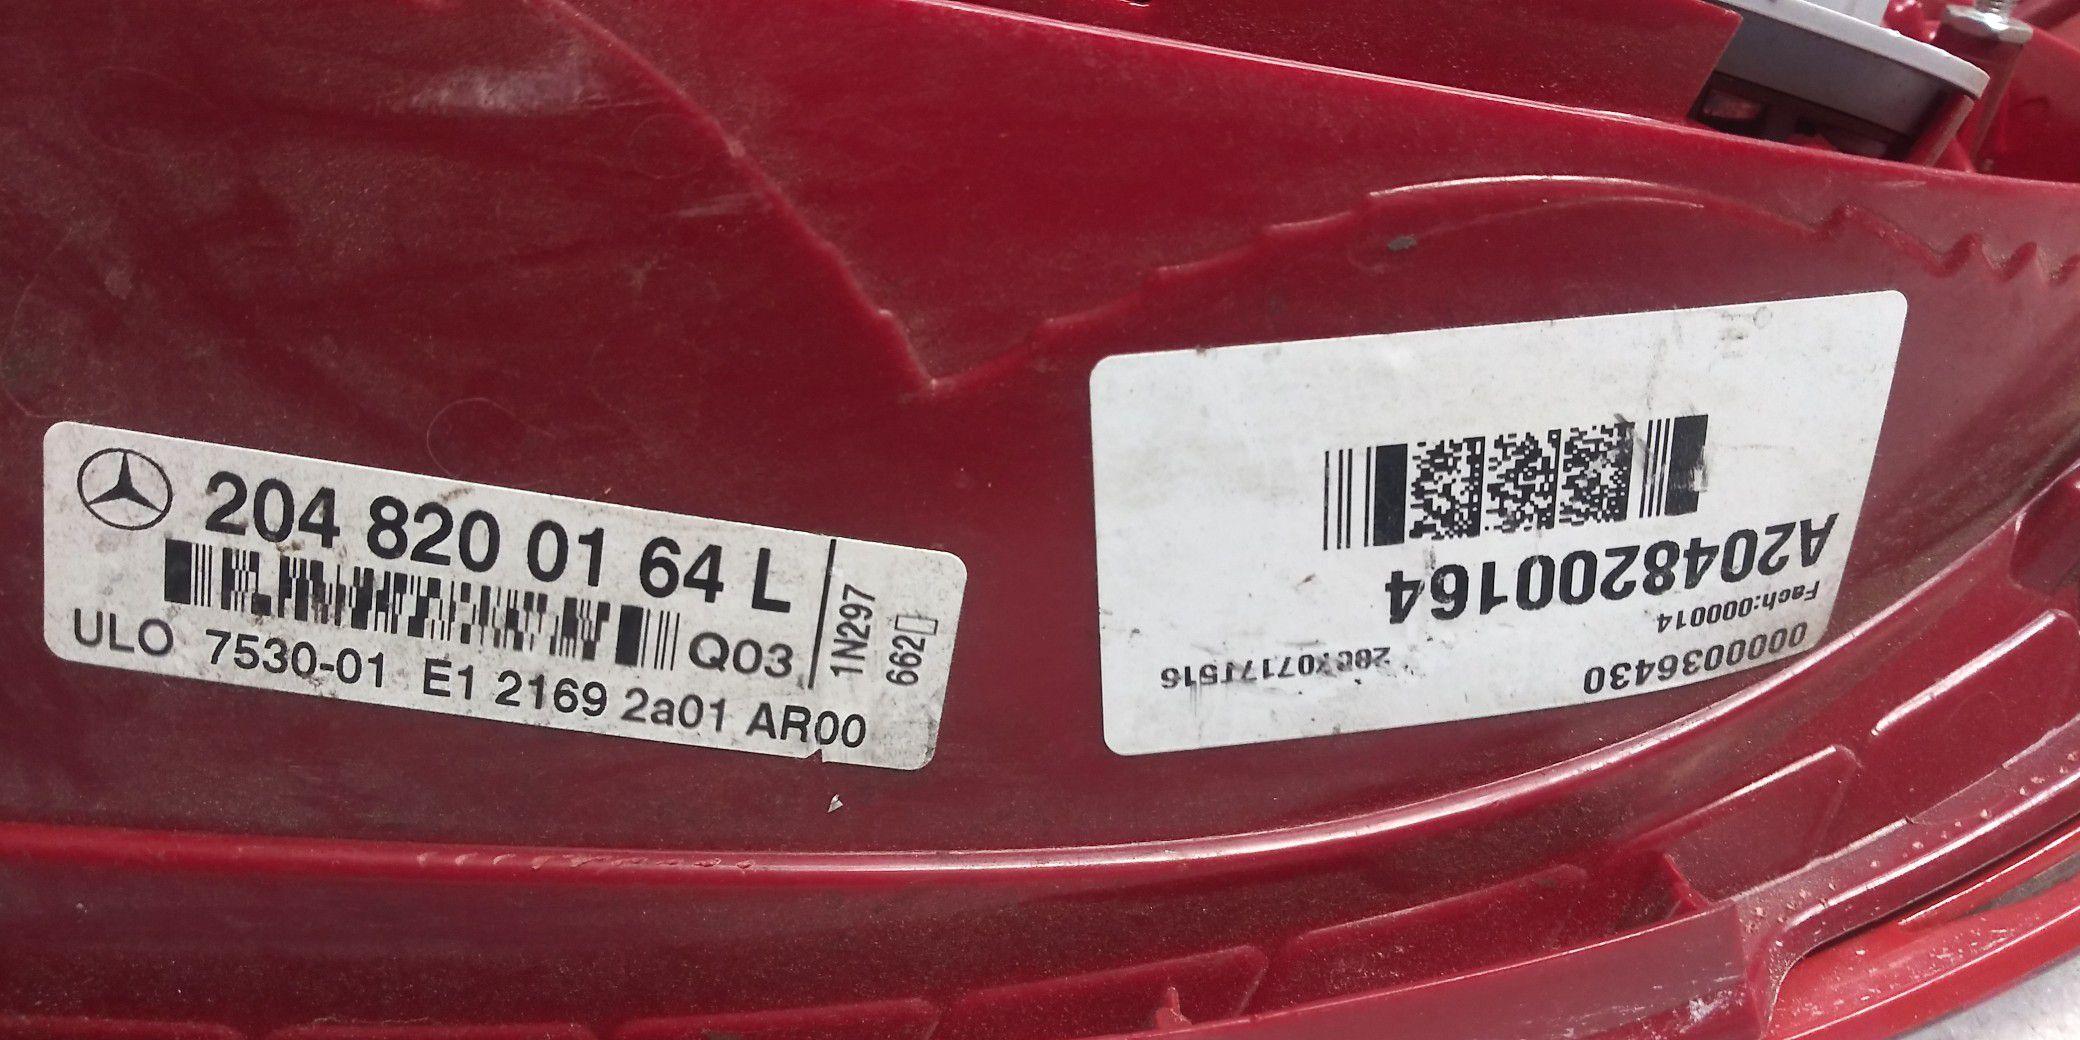 2008 - 2011 Mercedes C class tail light